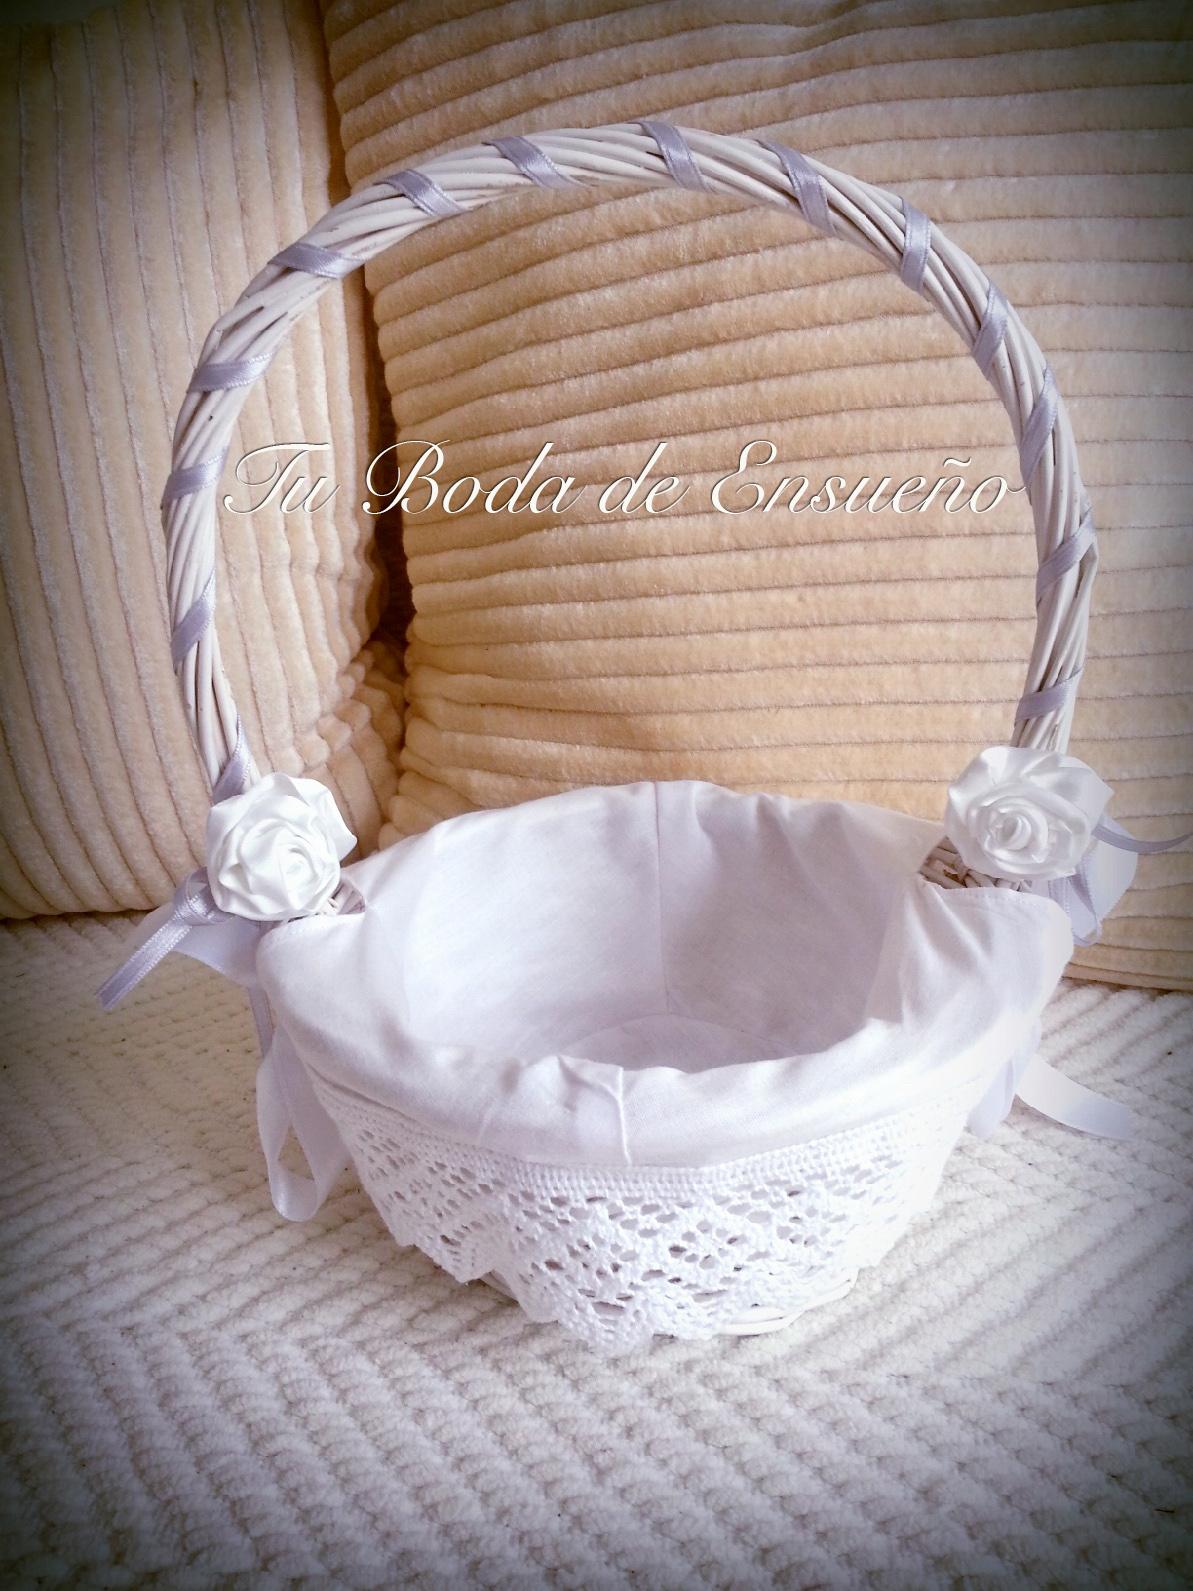 perfecta para llevar las arras y también se puede utilizar como cesta